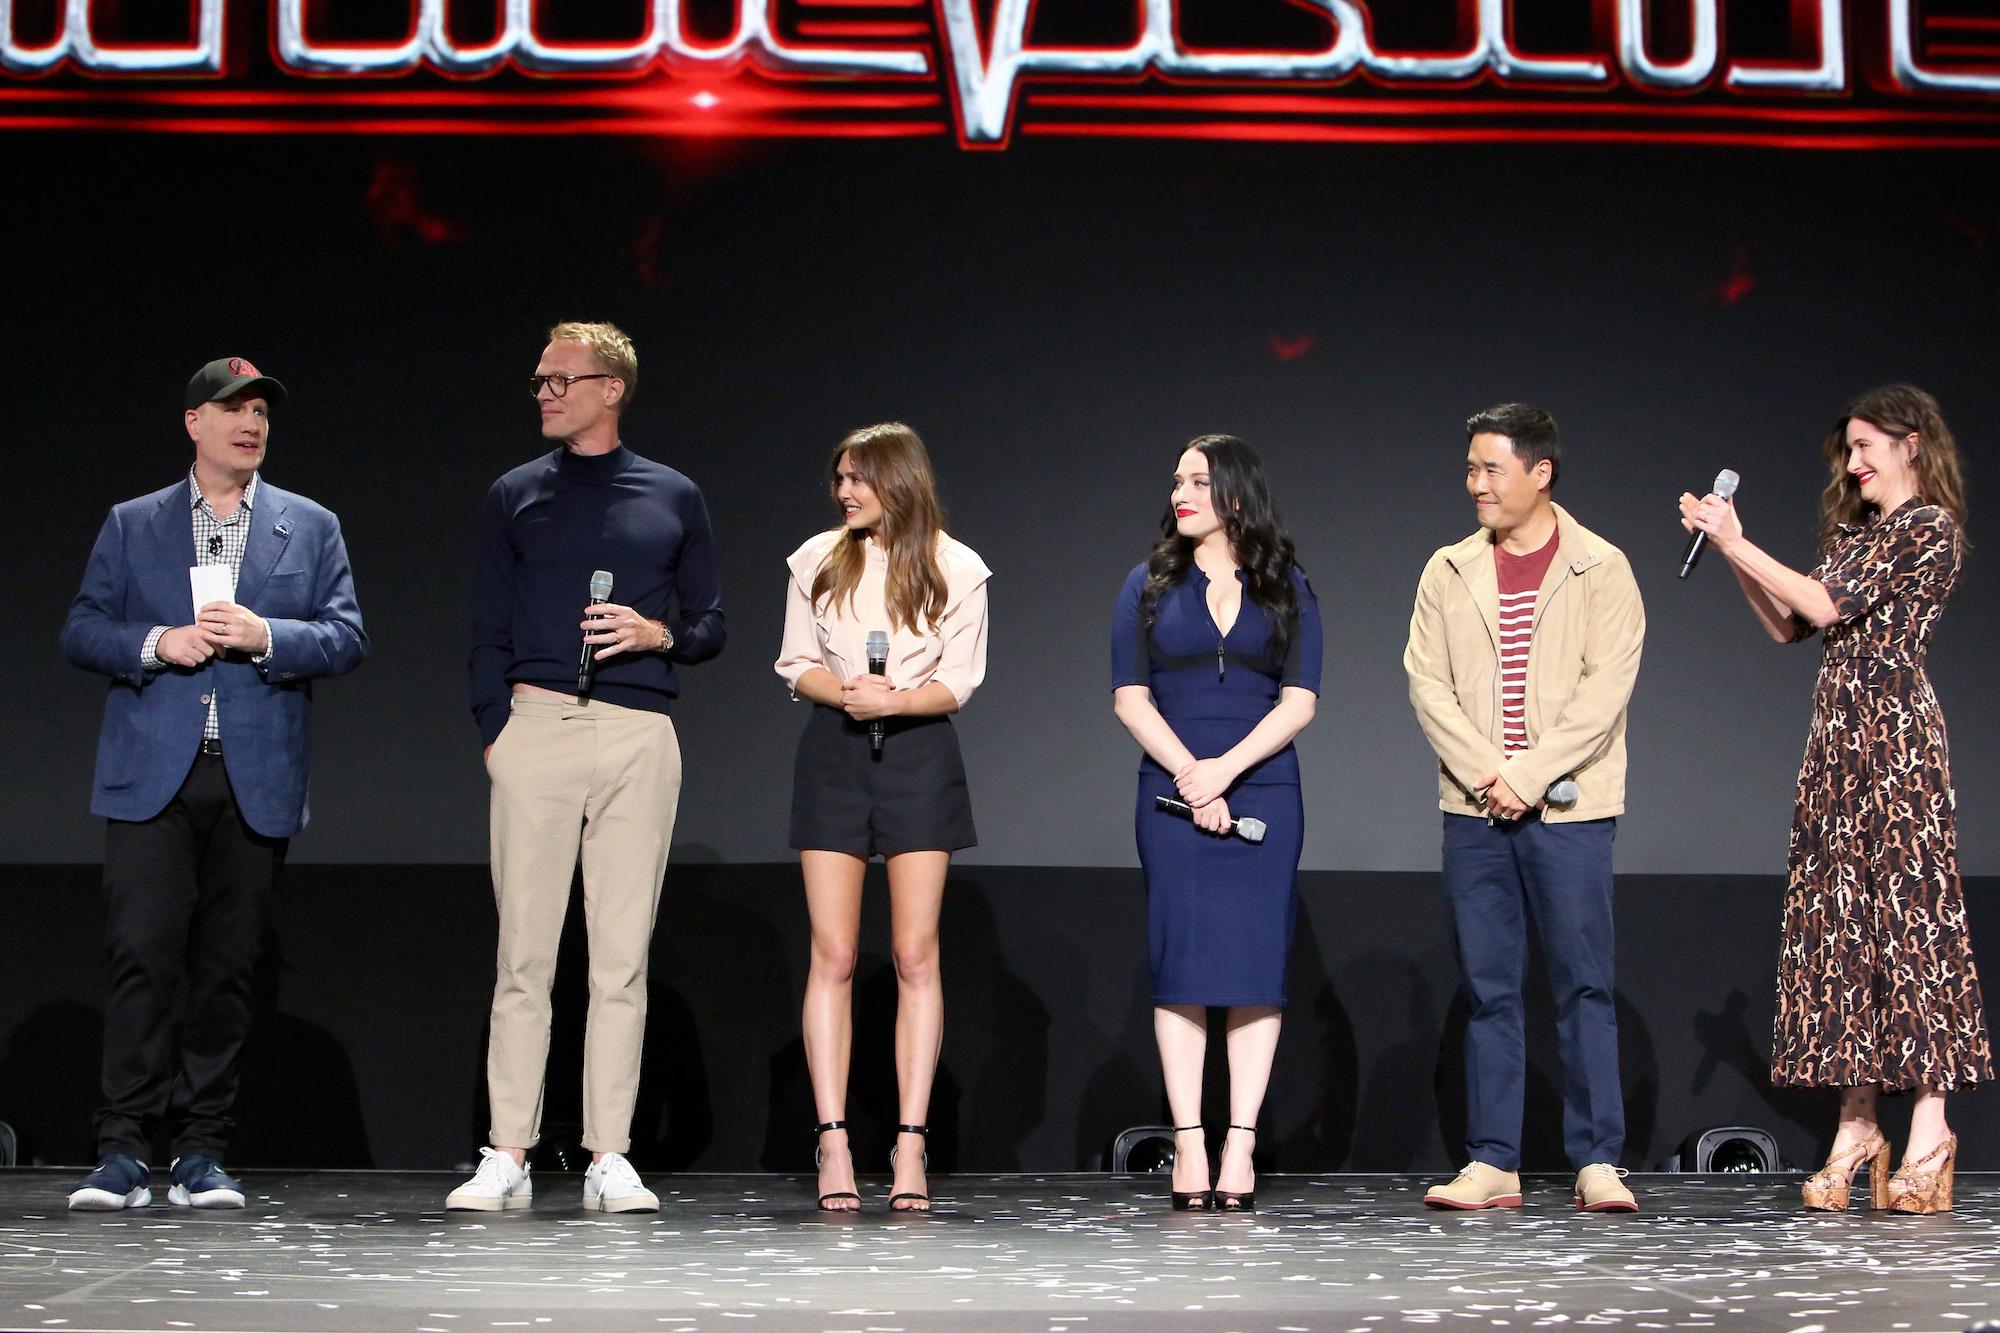 President of Marvel Studios Kevin Feige, Paul Bettany, Elizabeth Olsen, Kat Dennings, Randall Park, and Kathryn Hahn of 'WandaVision' at Disney's D23 EXPO 2019